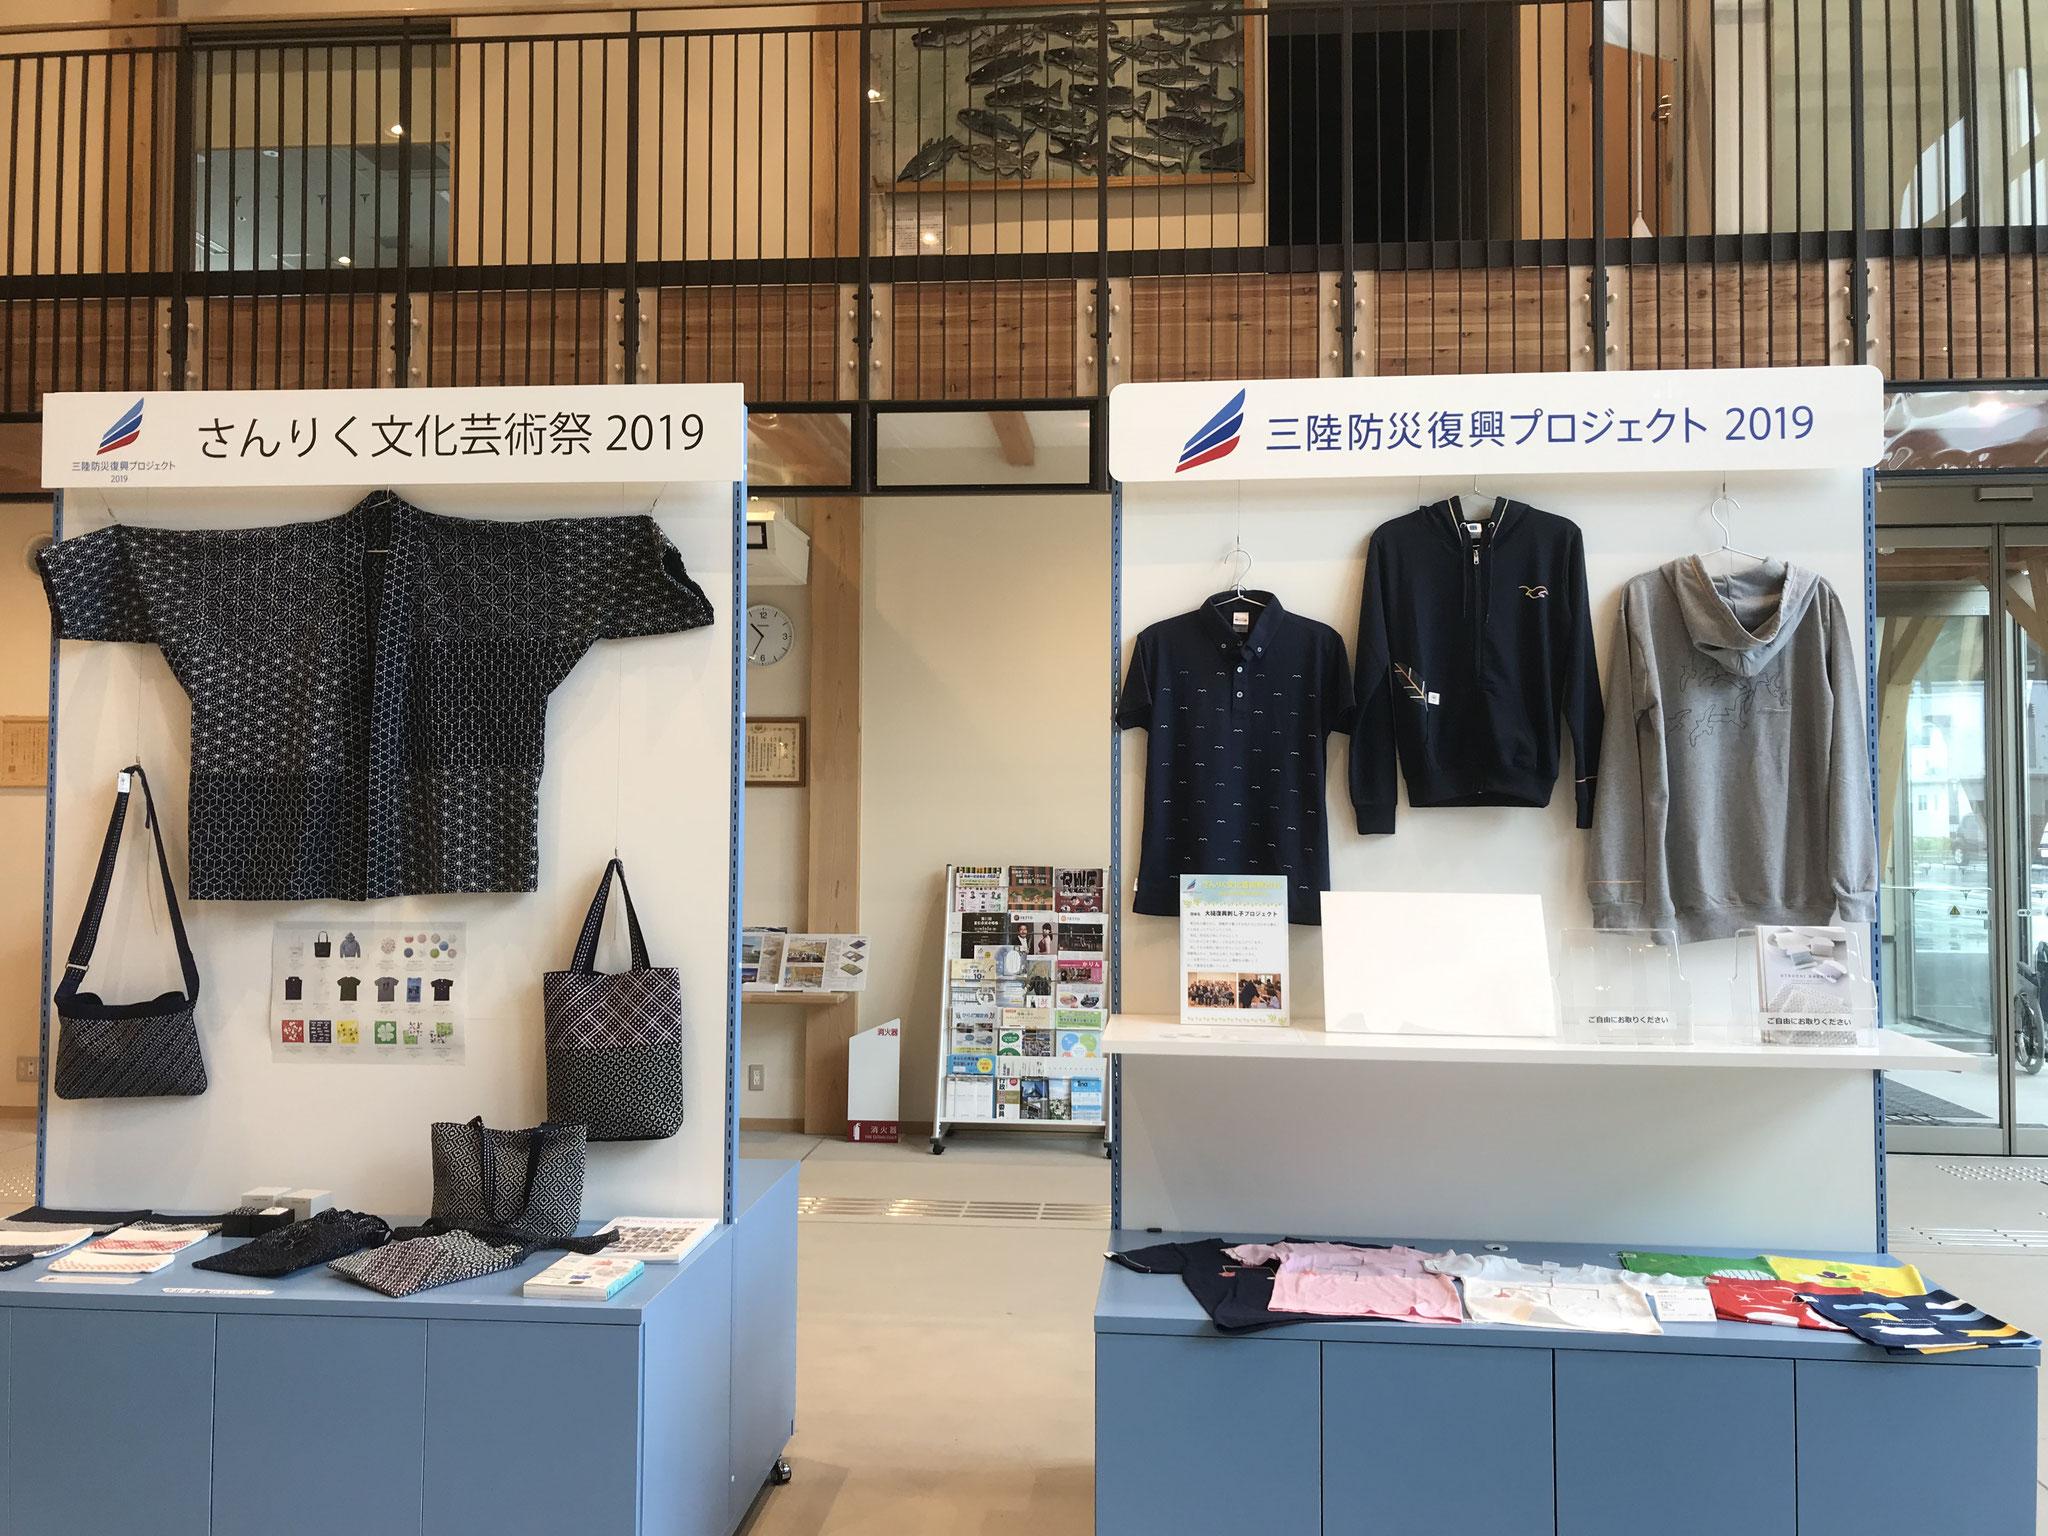 大槌町文化交流センター(おしゃっち)では刺し子プロジェクトの製品を展示中でした